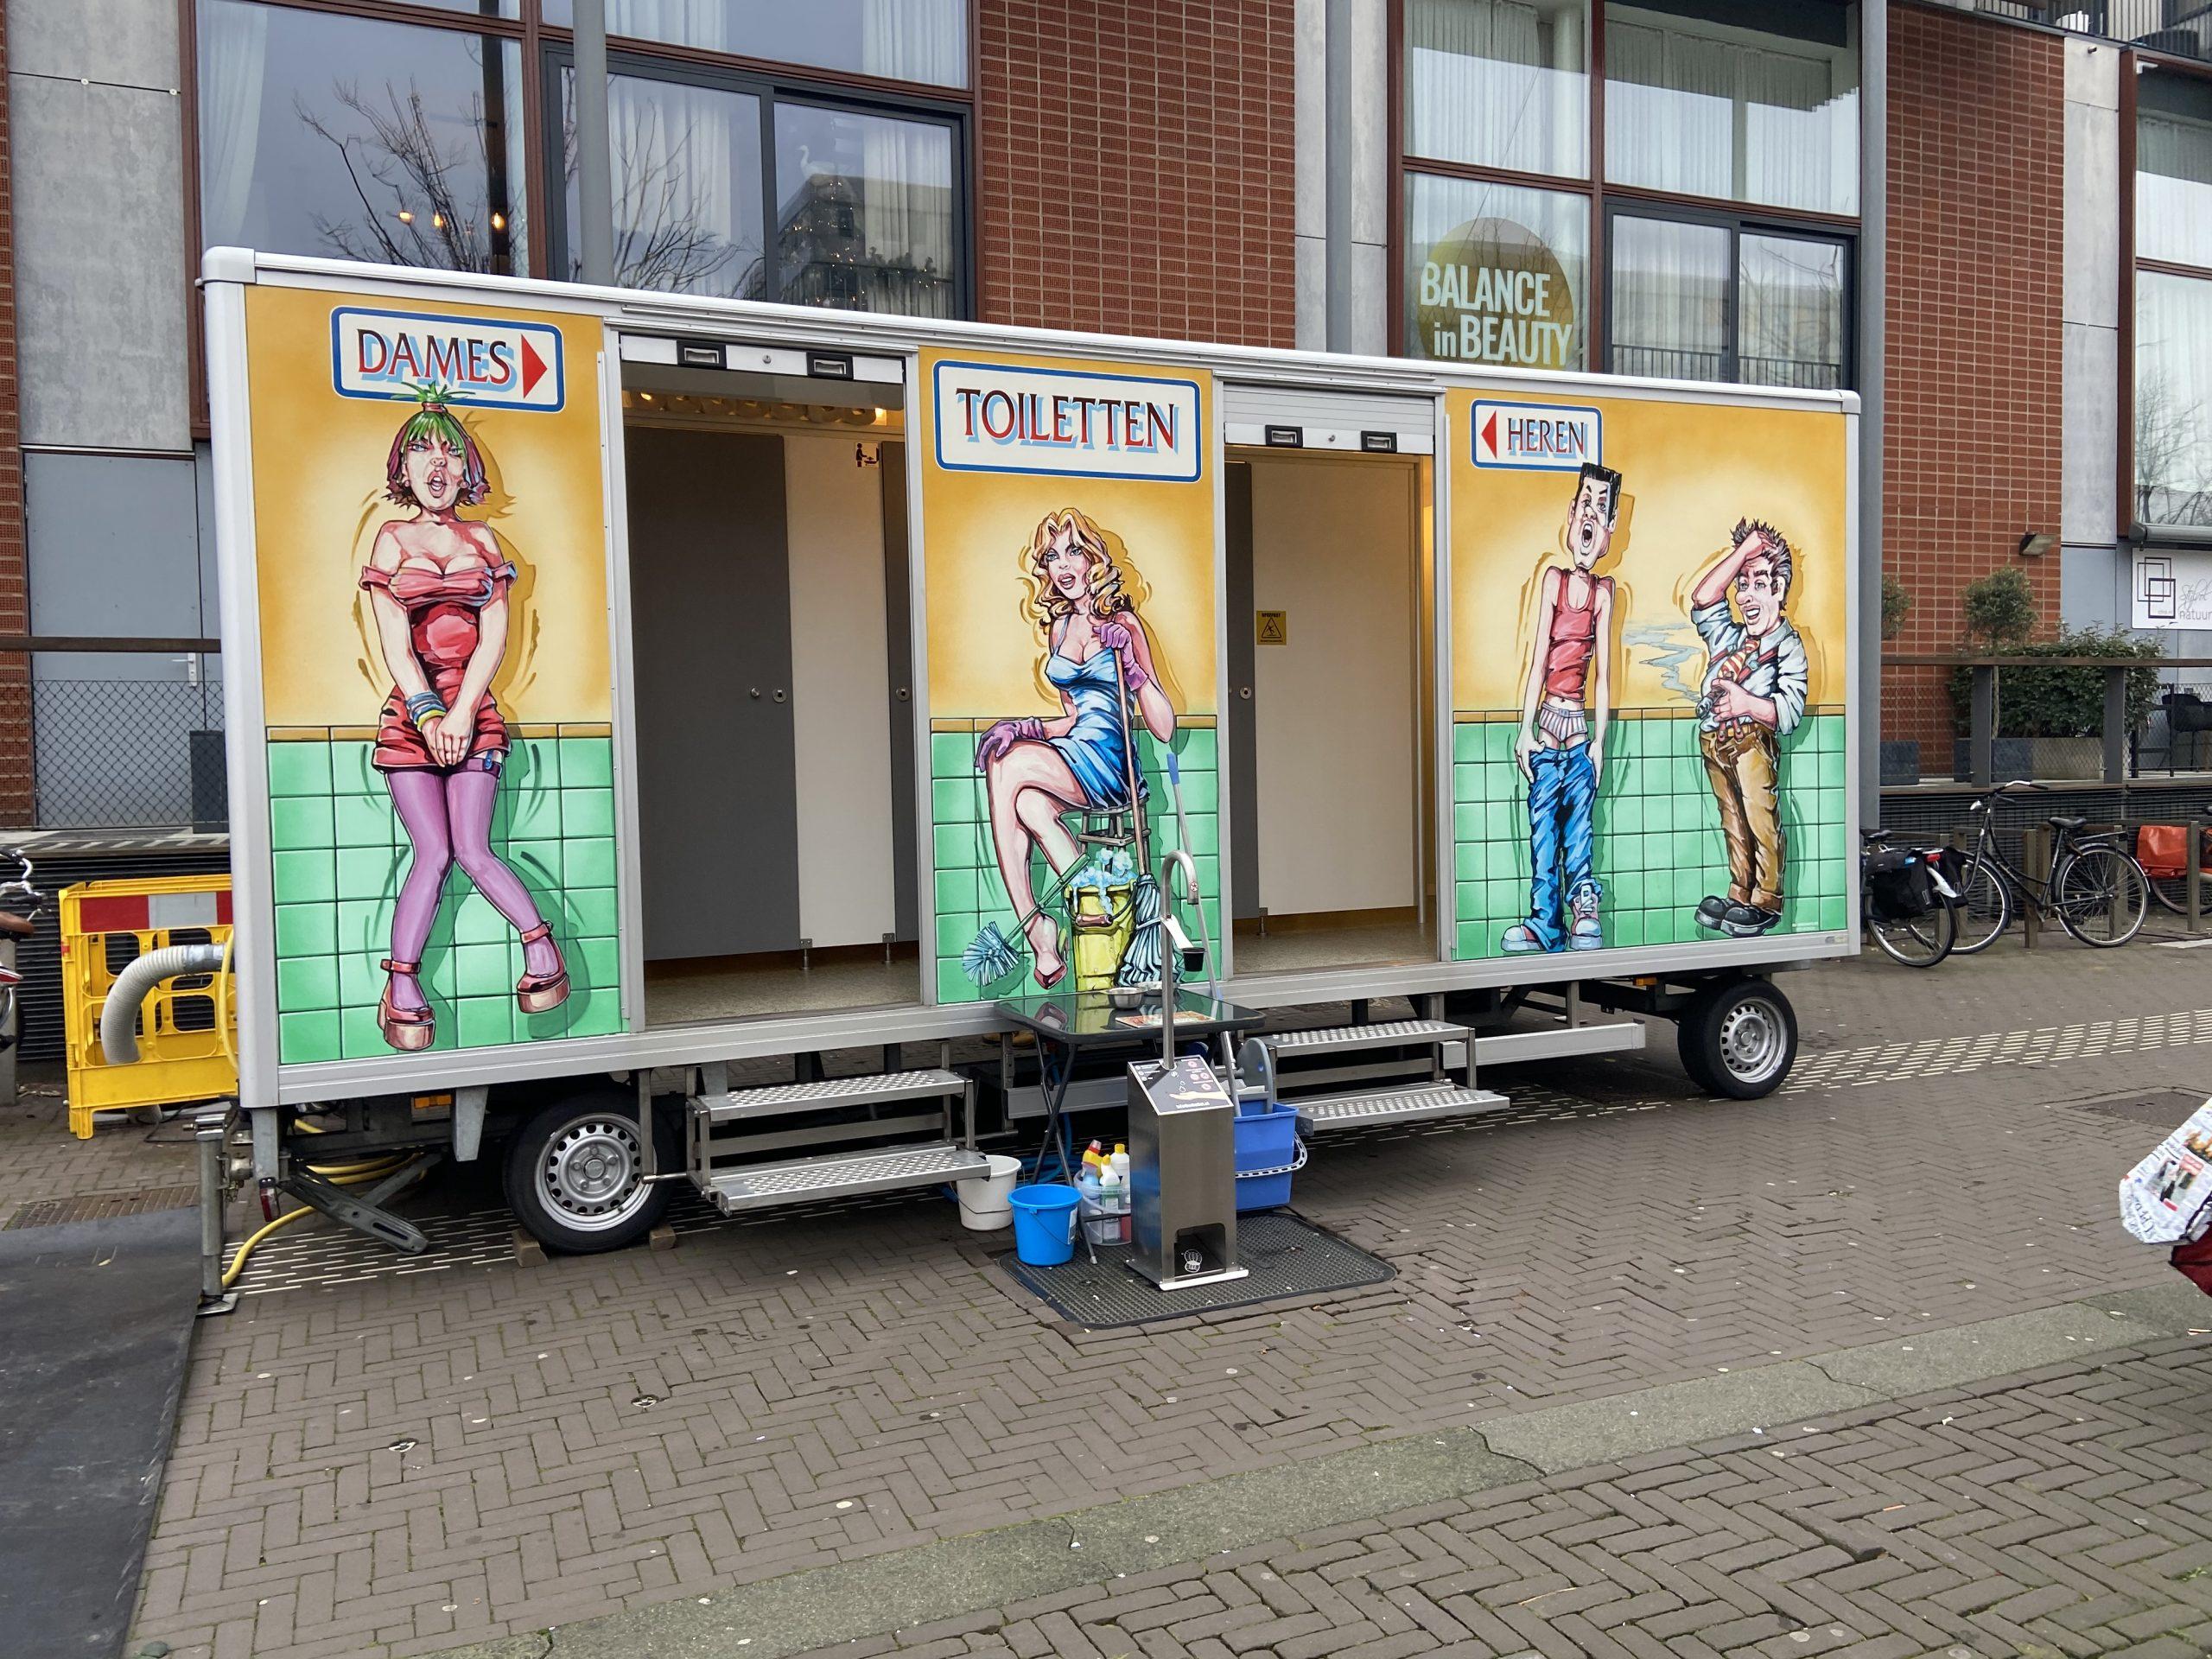 Toiletten in Hoofddorp